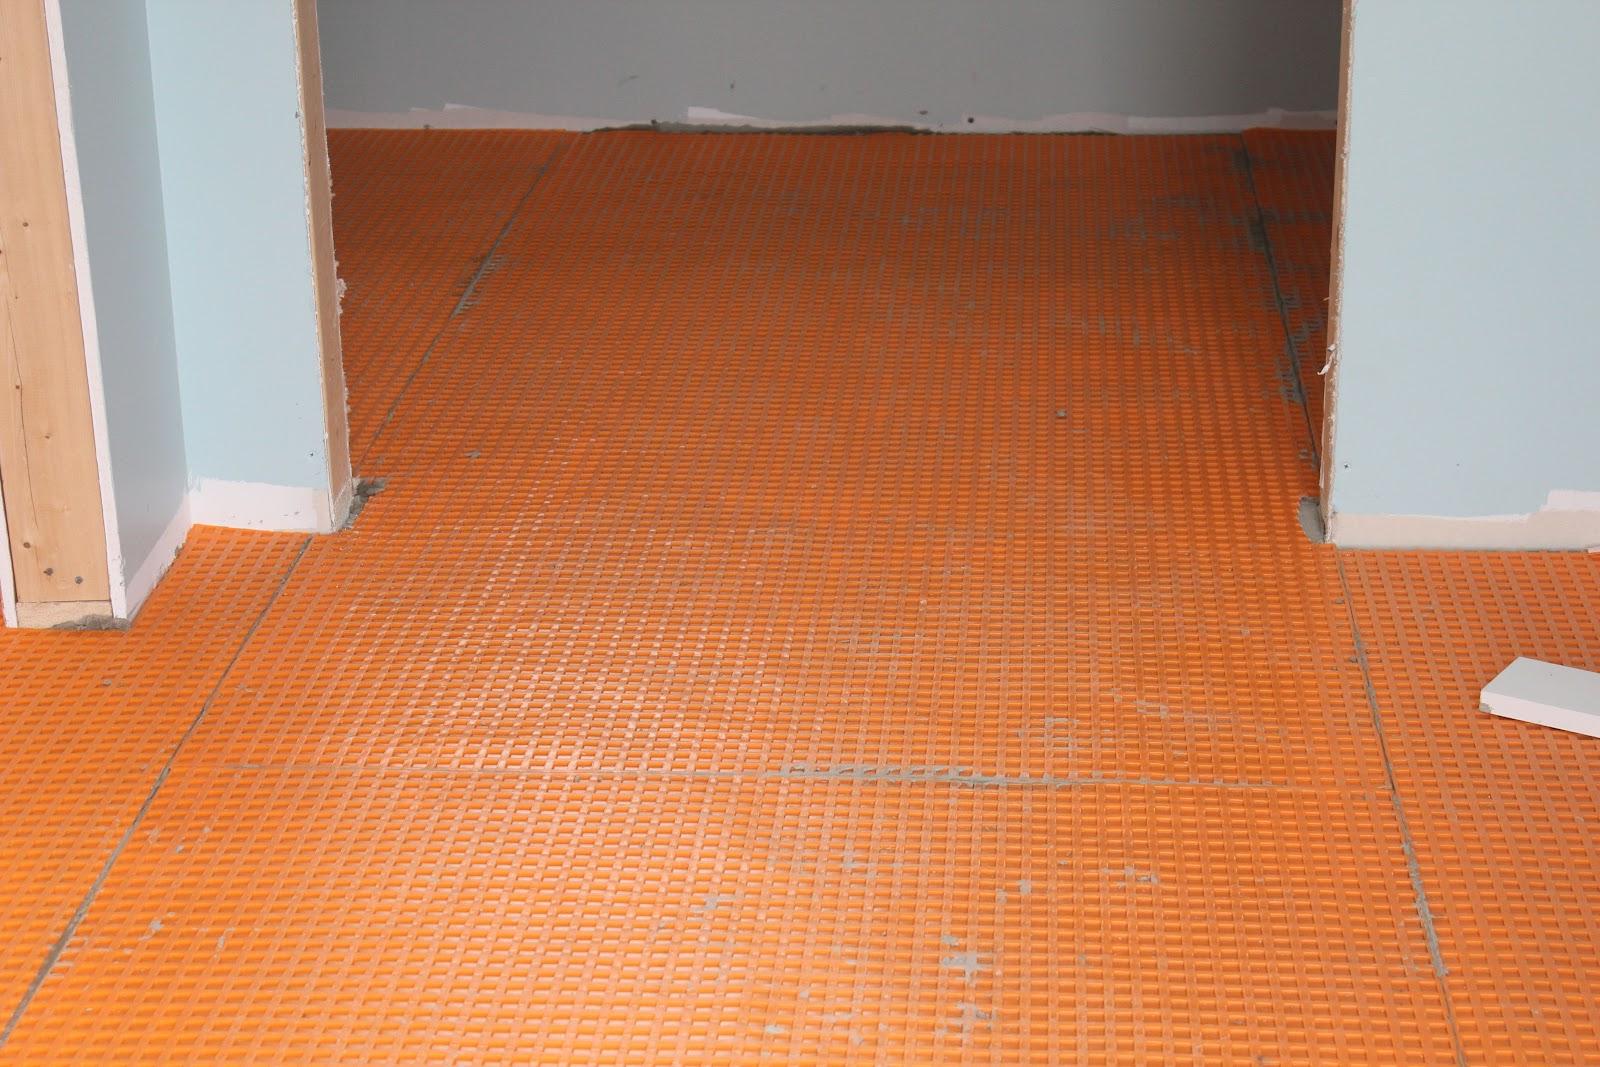 Avente tile talk installing a slate tile floor installing a slate tile floor doublecrazyfo Gallery